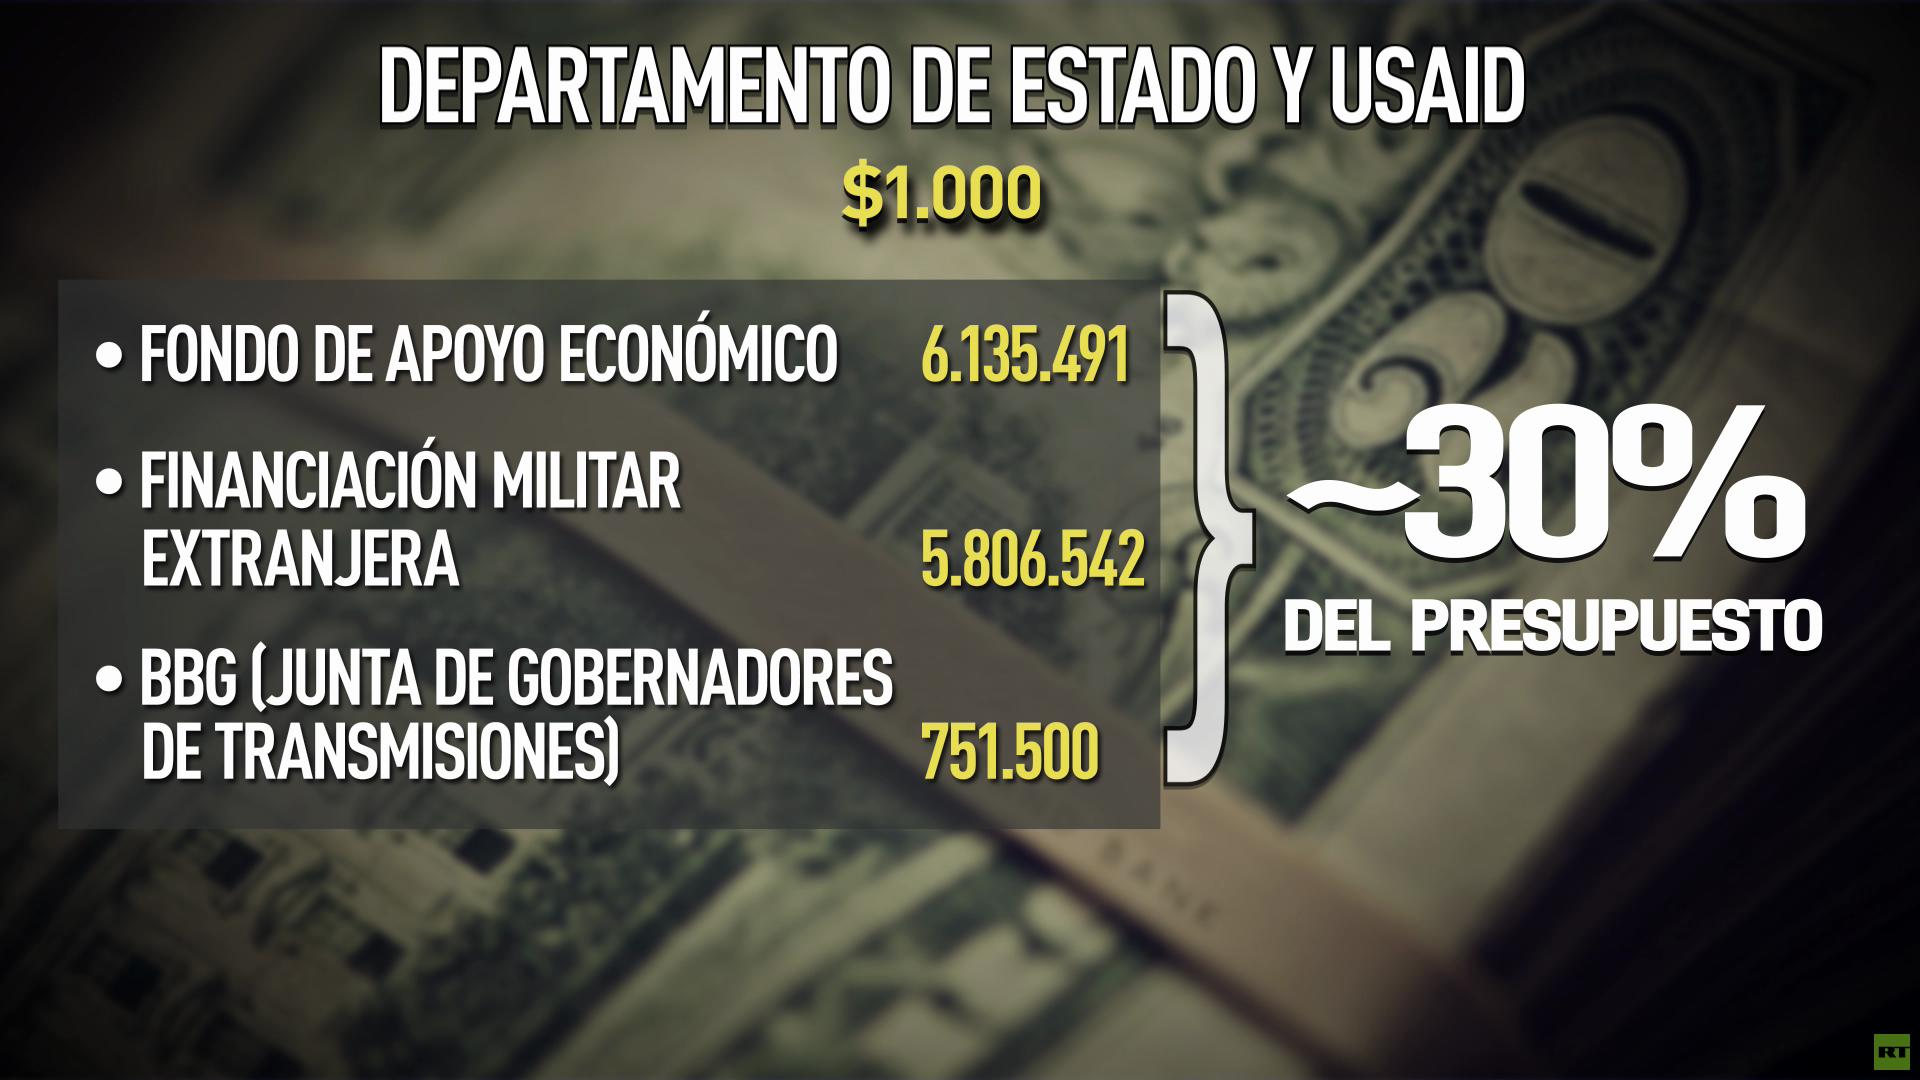 Departamento de Estado y USAID